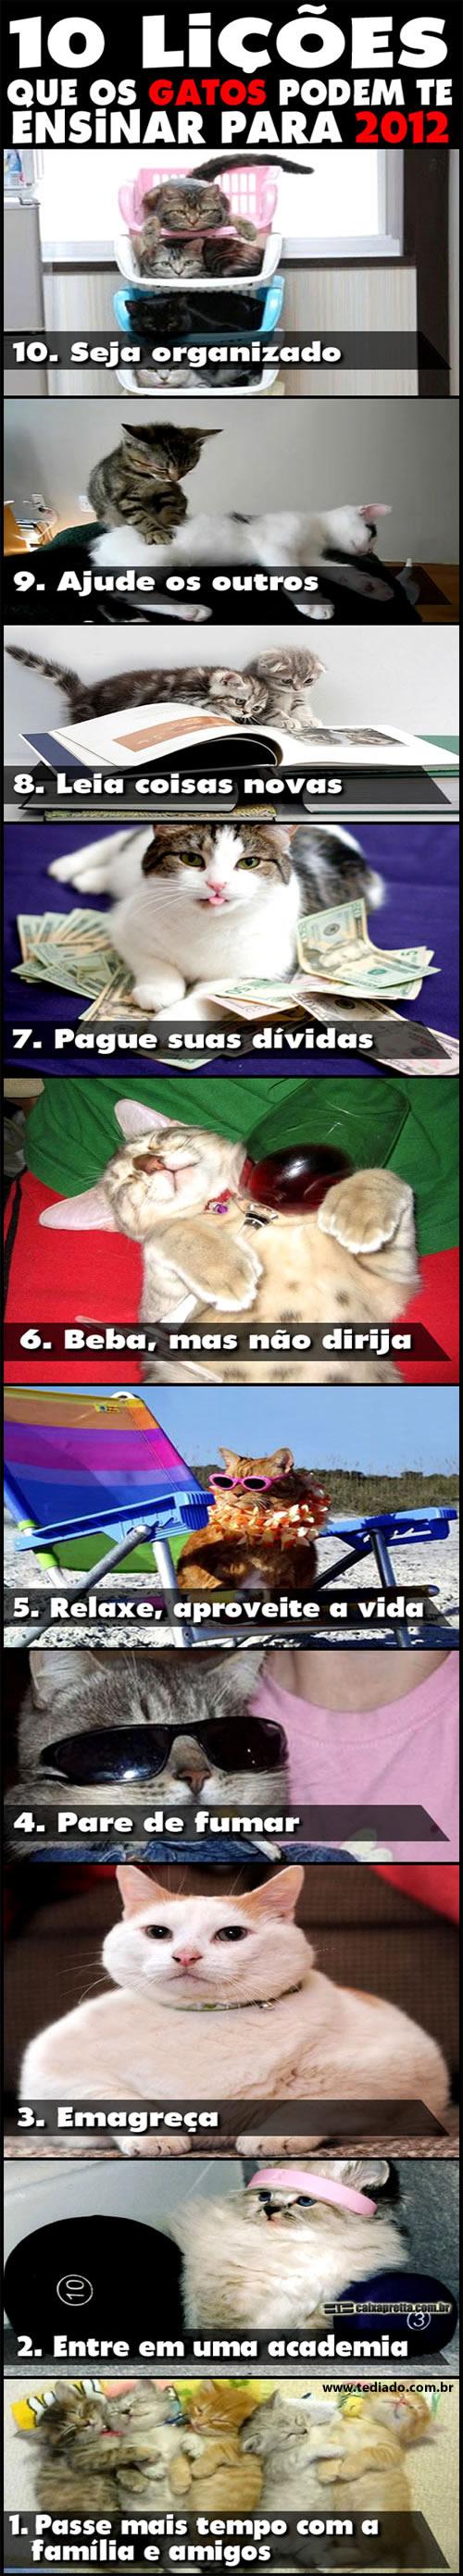 10 Lições que os Gatos podem te ensinar para 2012 4